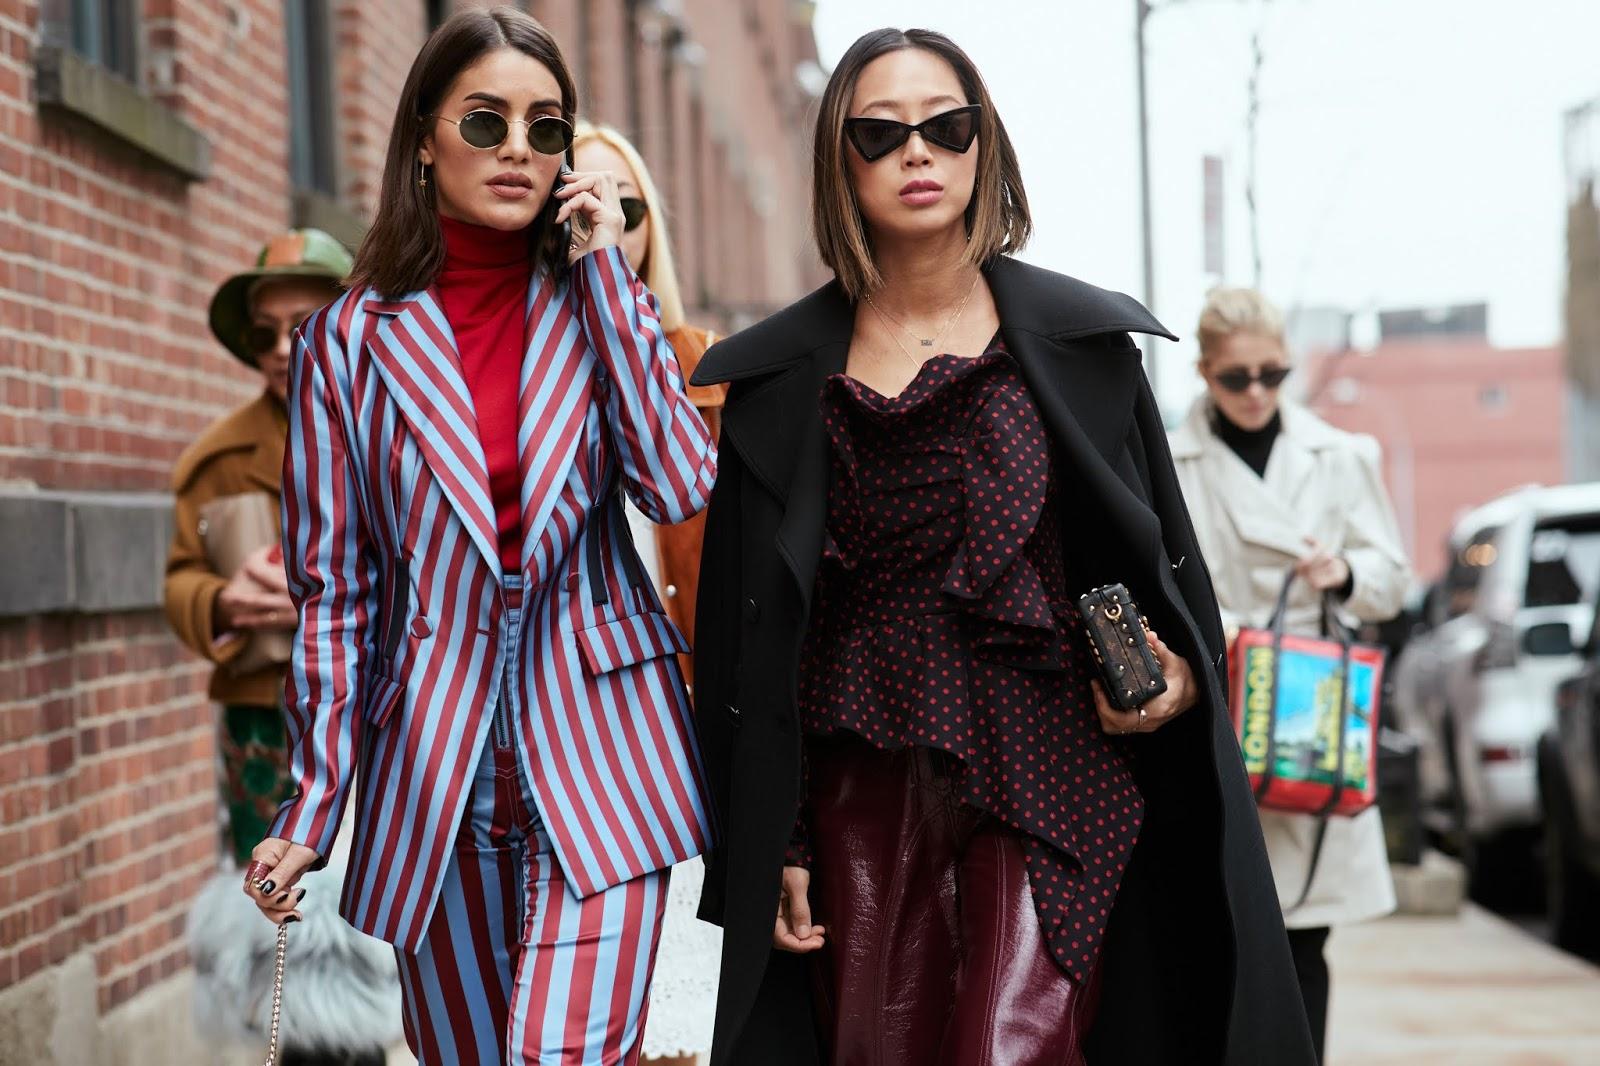 Porady stylisty: Jak wykorzystać jesienią letnie ubrania?